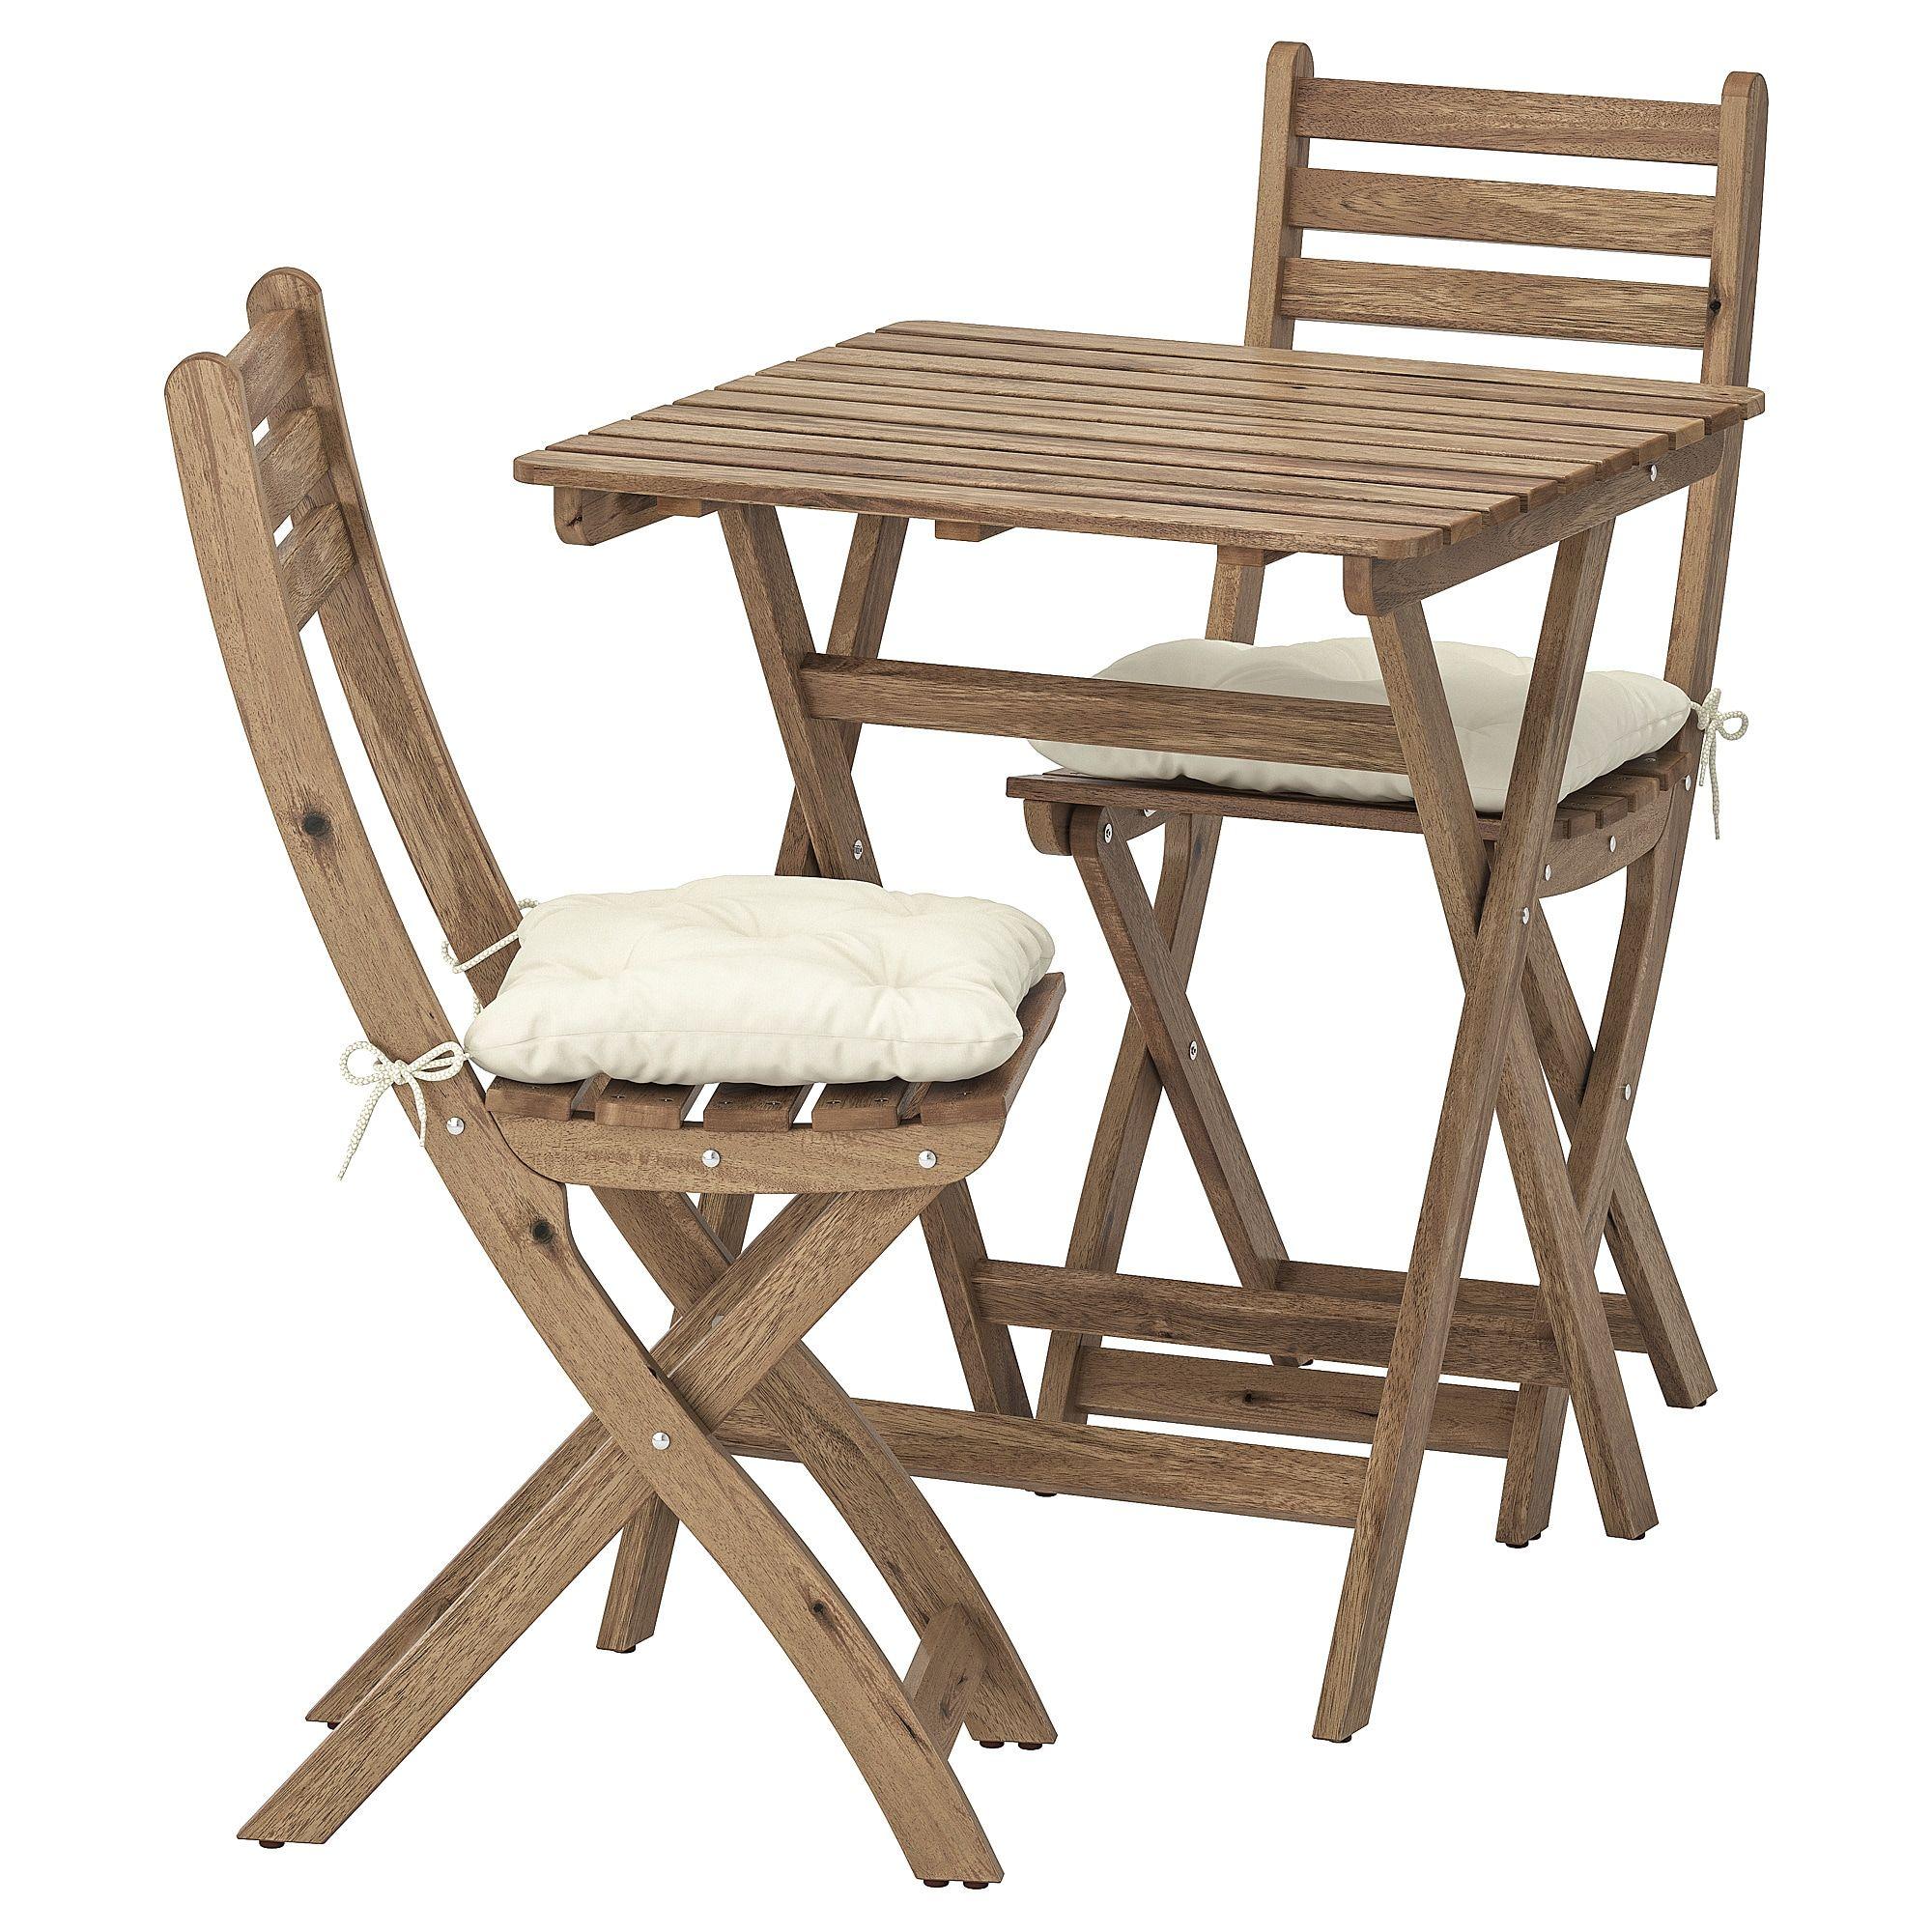 Askholmen Tisch 2 Stuhle Aussen Graubraun Lasiert Kuddarna Beige Ikea Osterreich Outdoor Folding Chairs Outdoor Dining Furniture Ikea